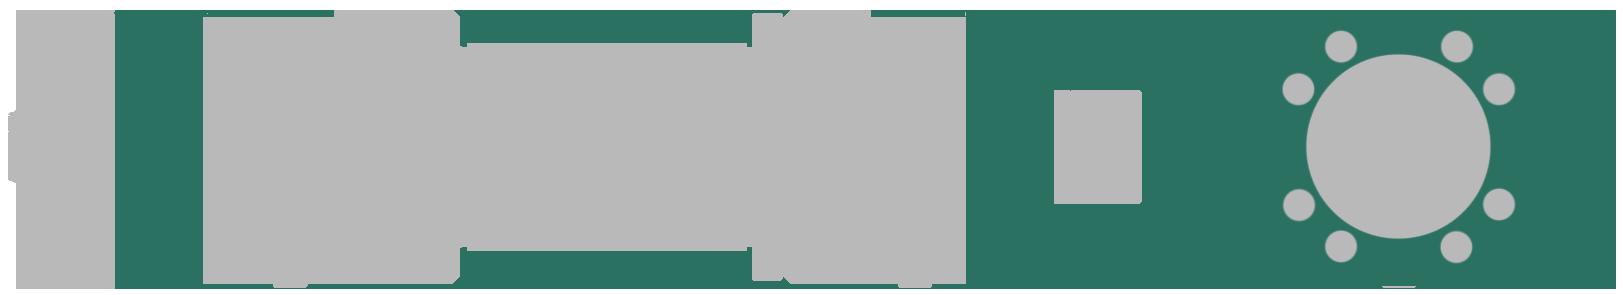 zw1611_ms2